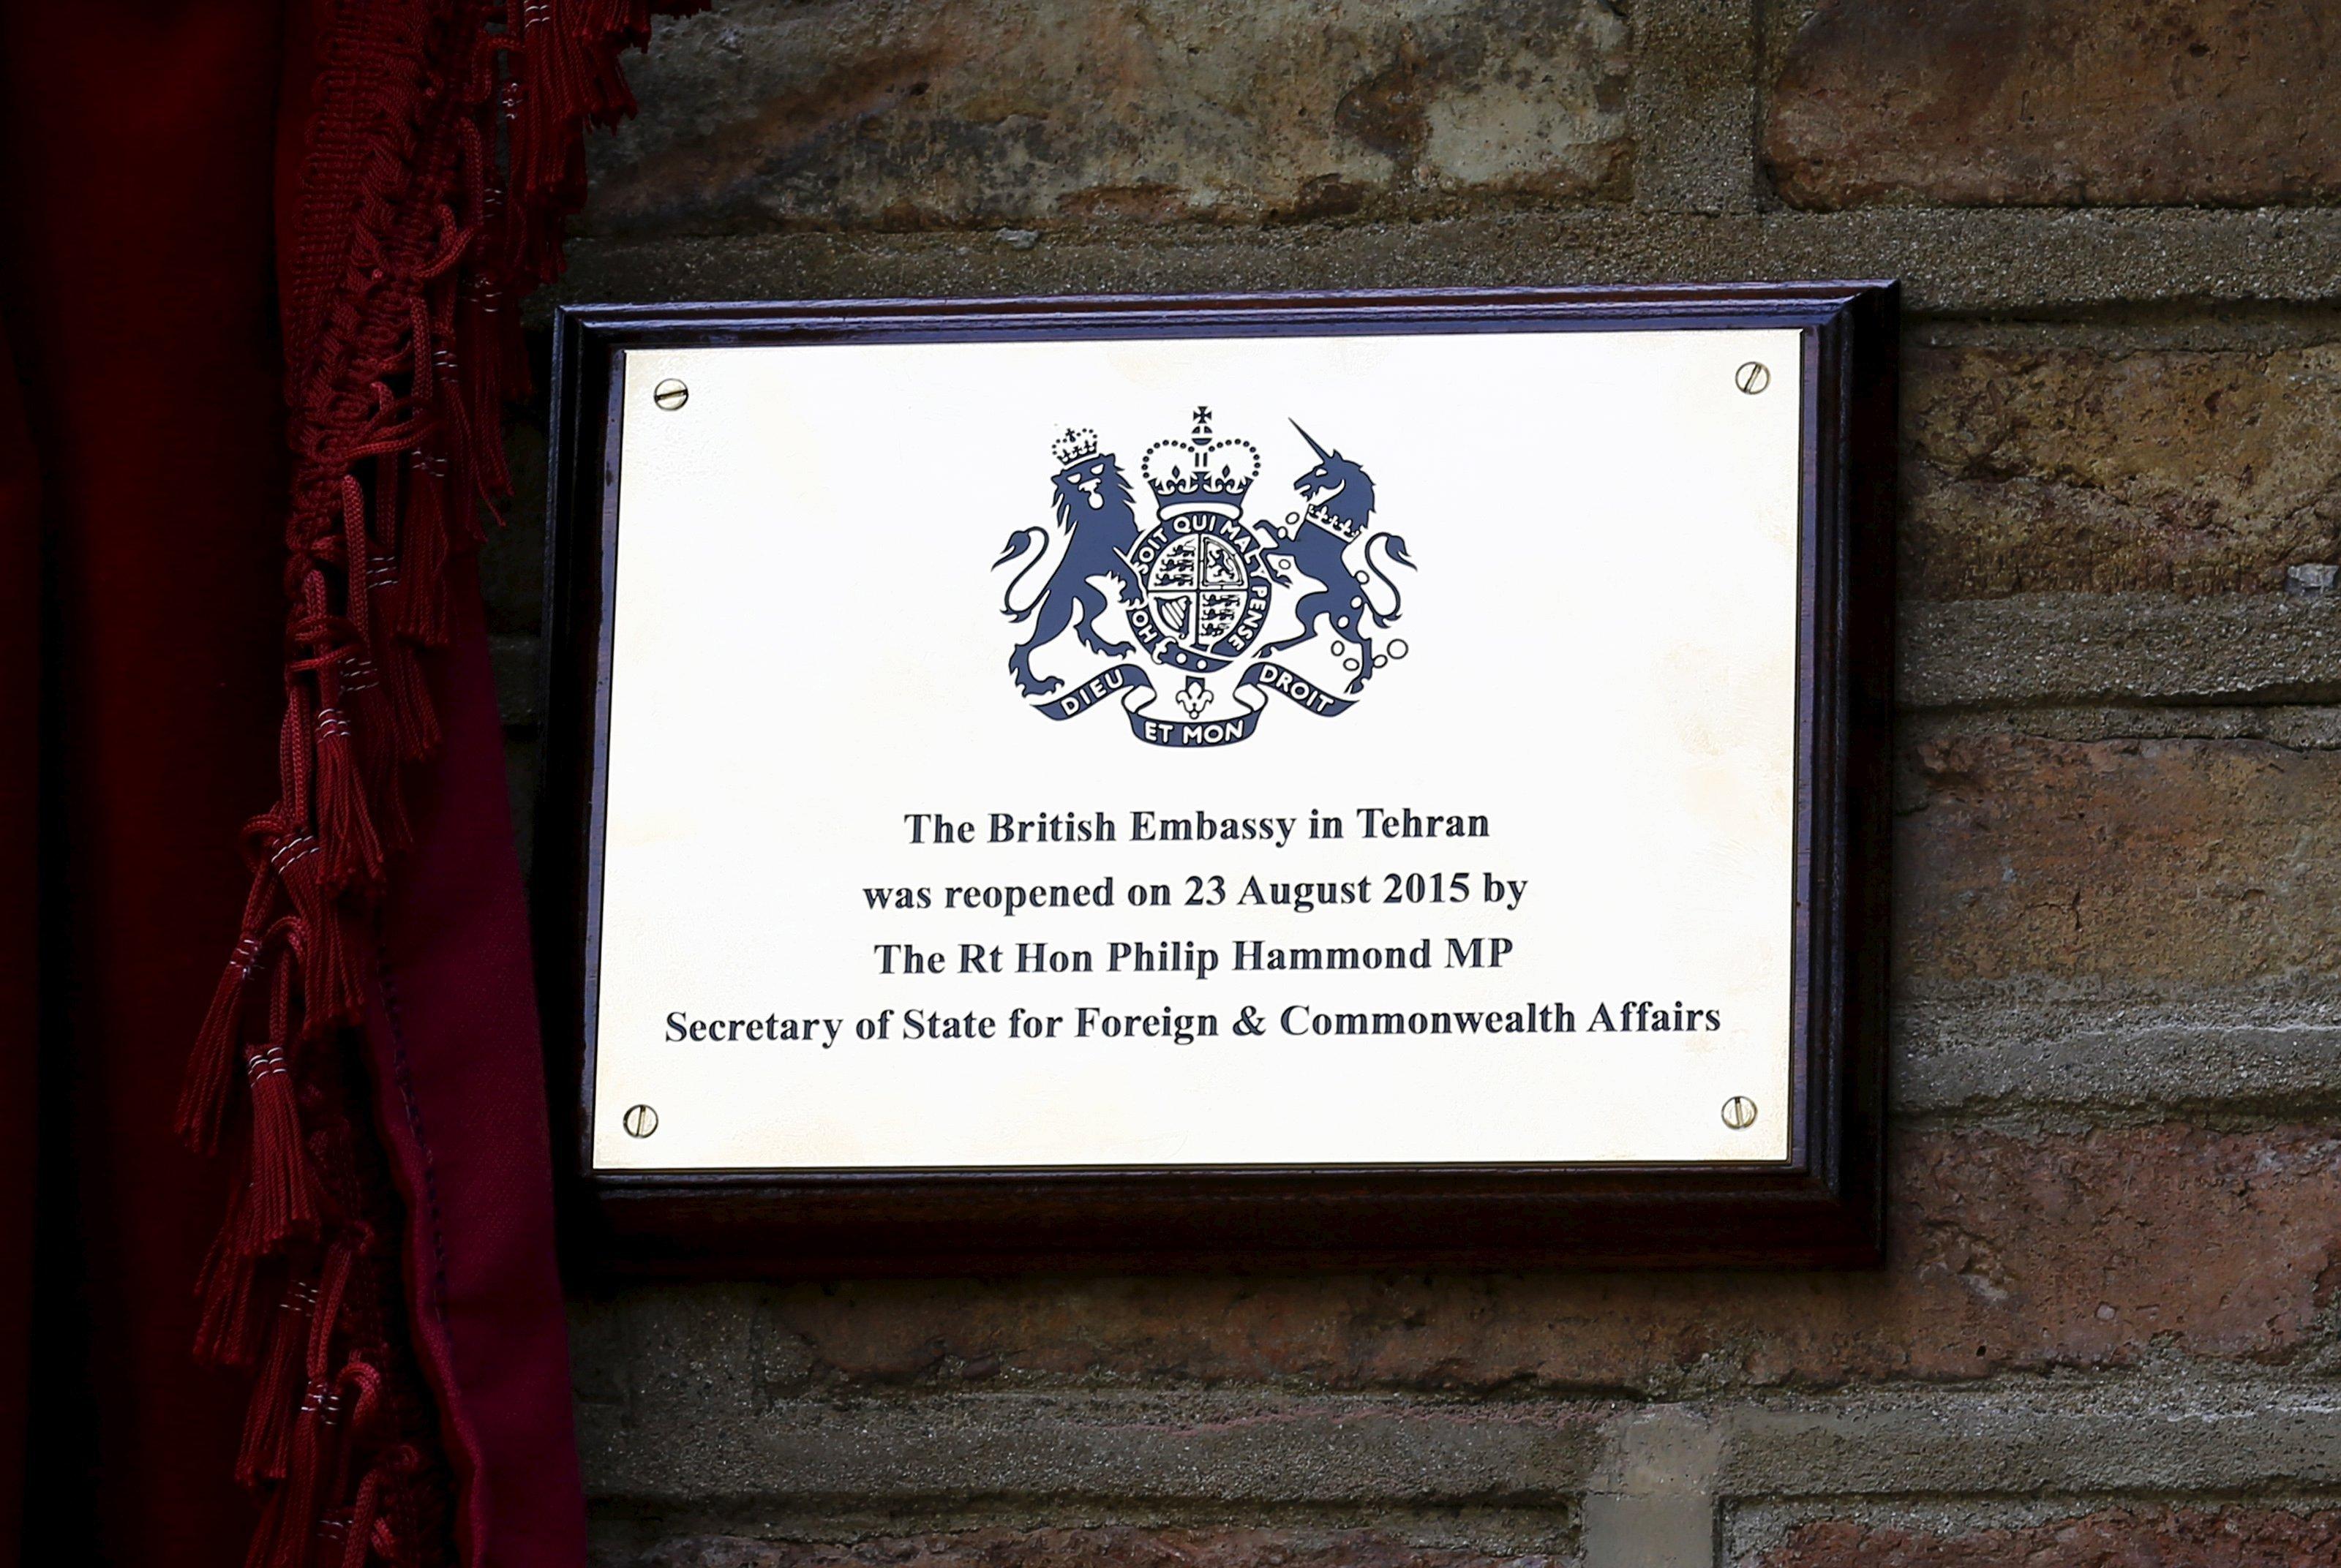 La plaque commémorant la réouverture de l'ambassade du Royaume-uni à Téhéran en 2015